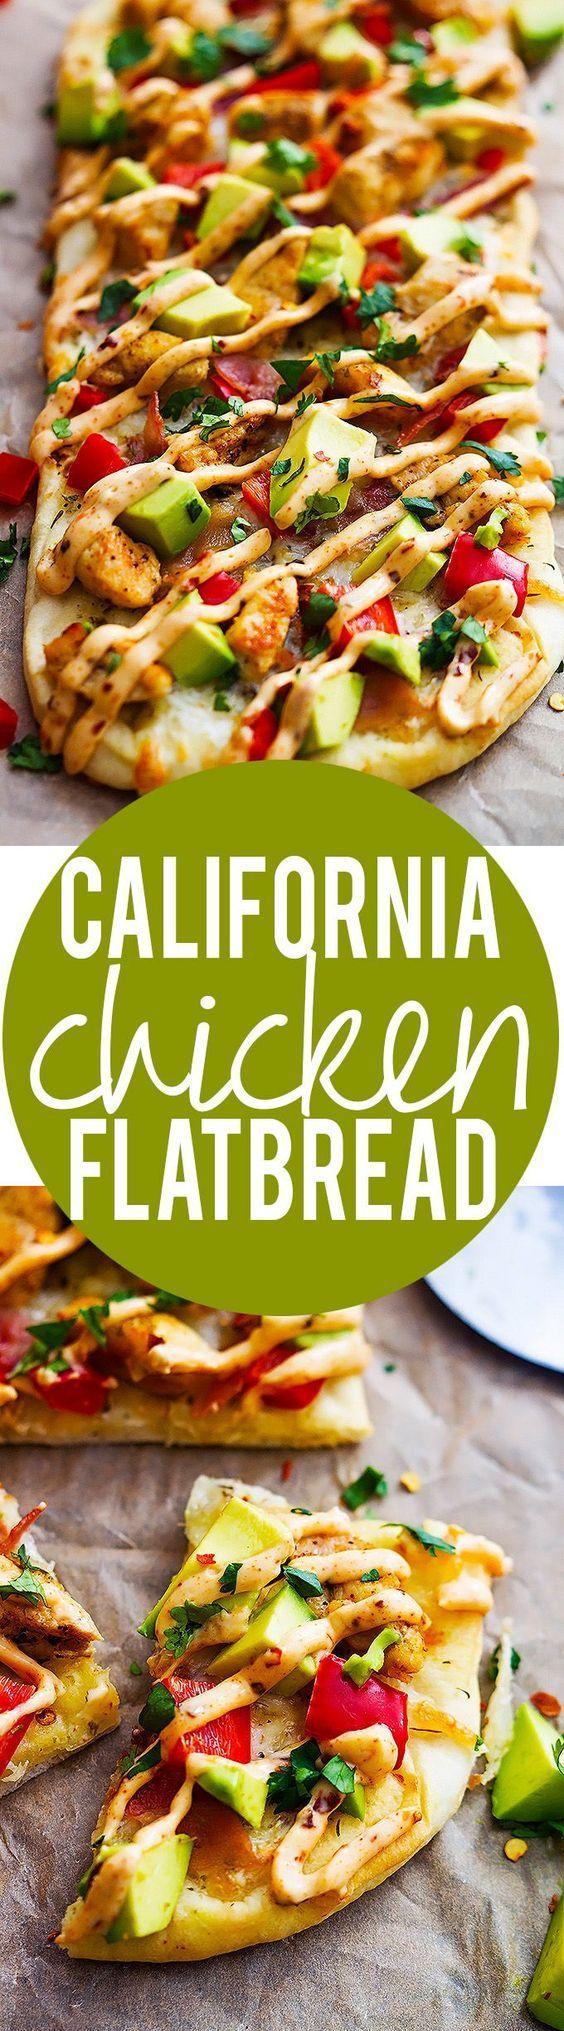 California Chicken Flatbread with Chipotle Ranch Sauce | Creme de la Crumb